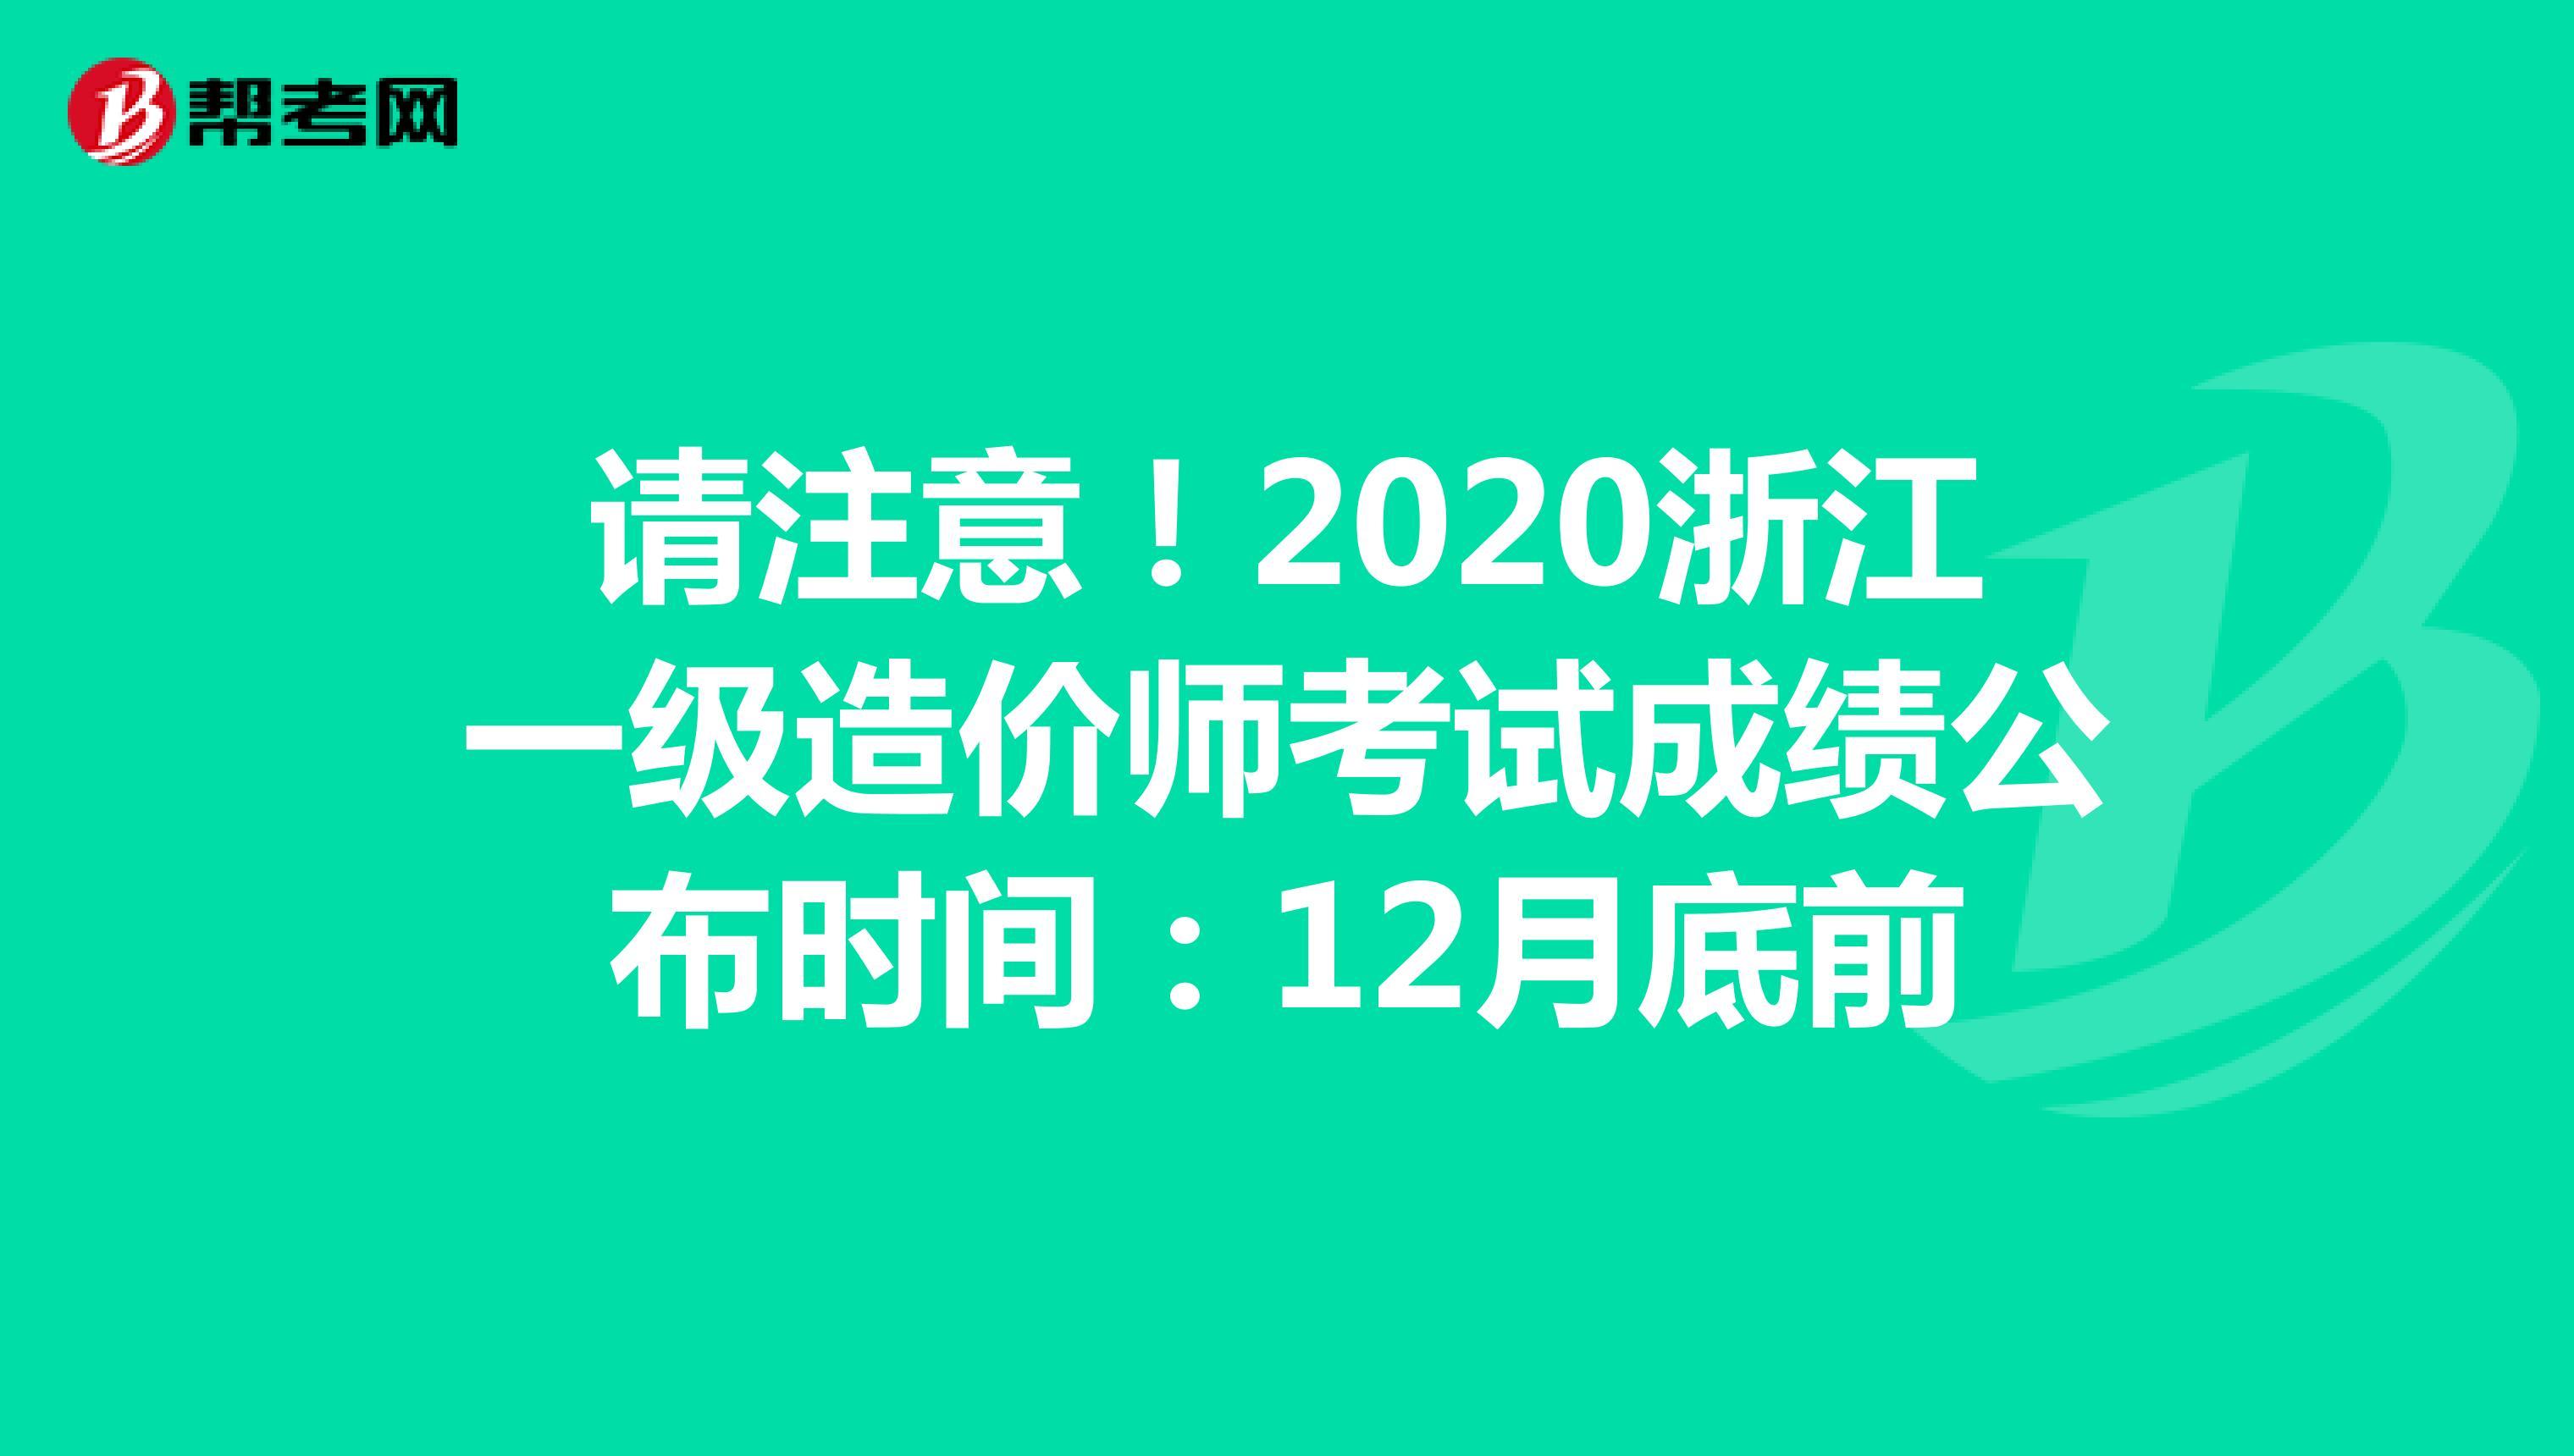 请注意!2020浙江一级造价师考试成绩公布时间:12月底前